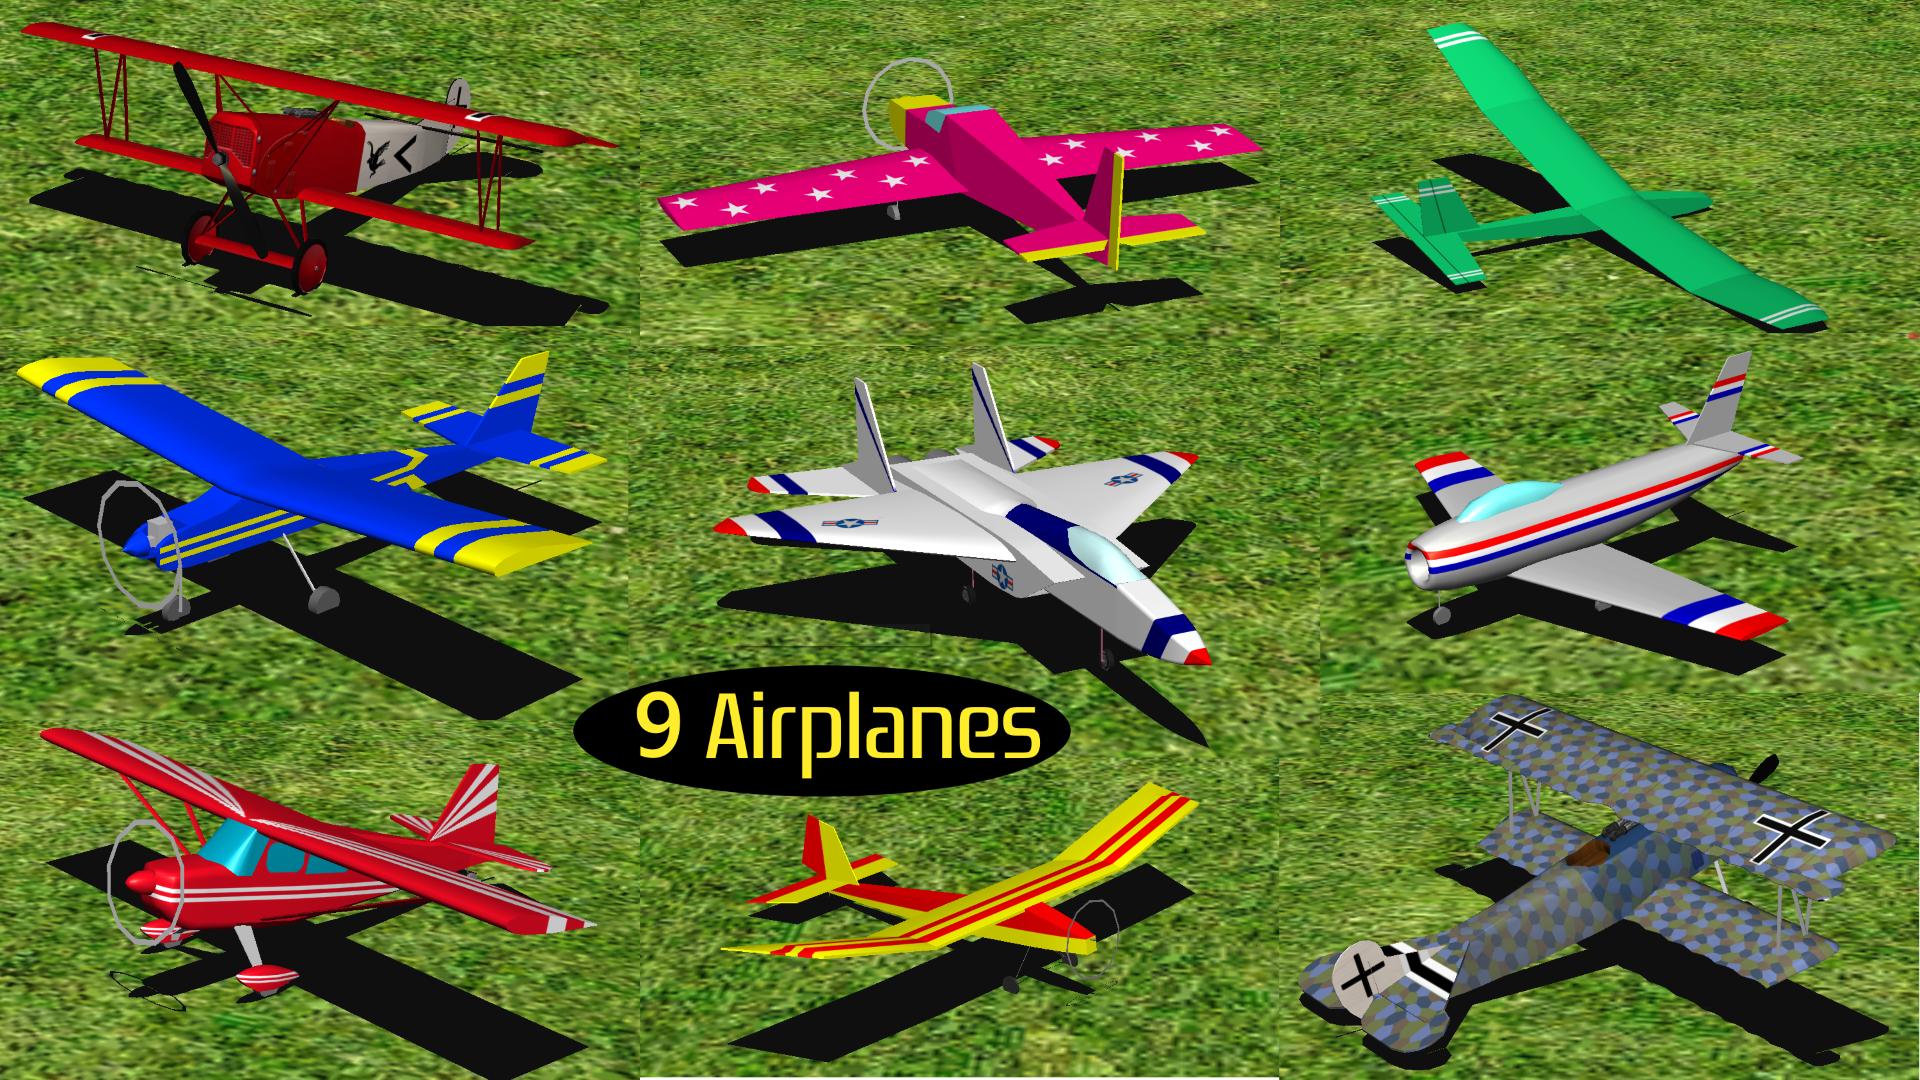 RC-AirSim - RC Model Airplane Flight Simulator screenshot 2